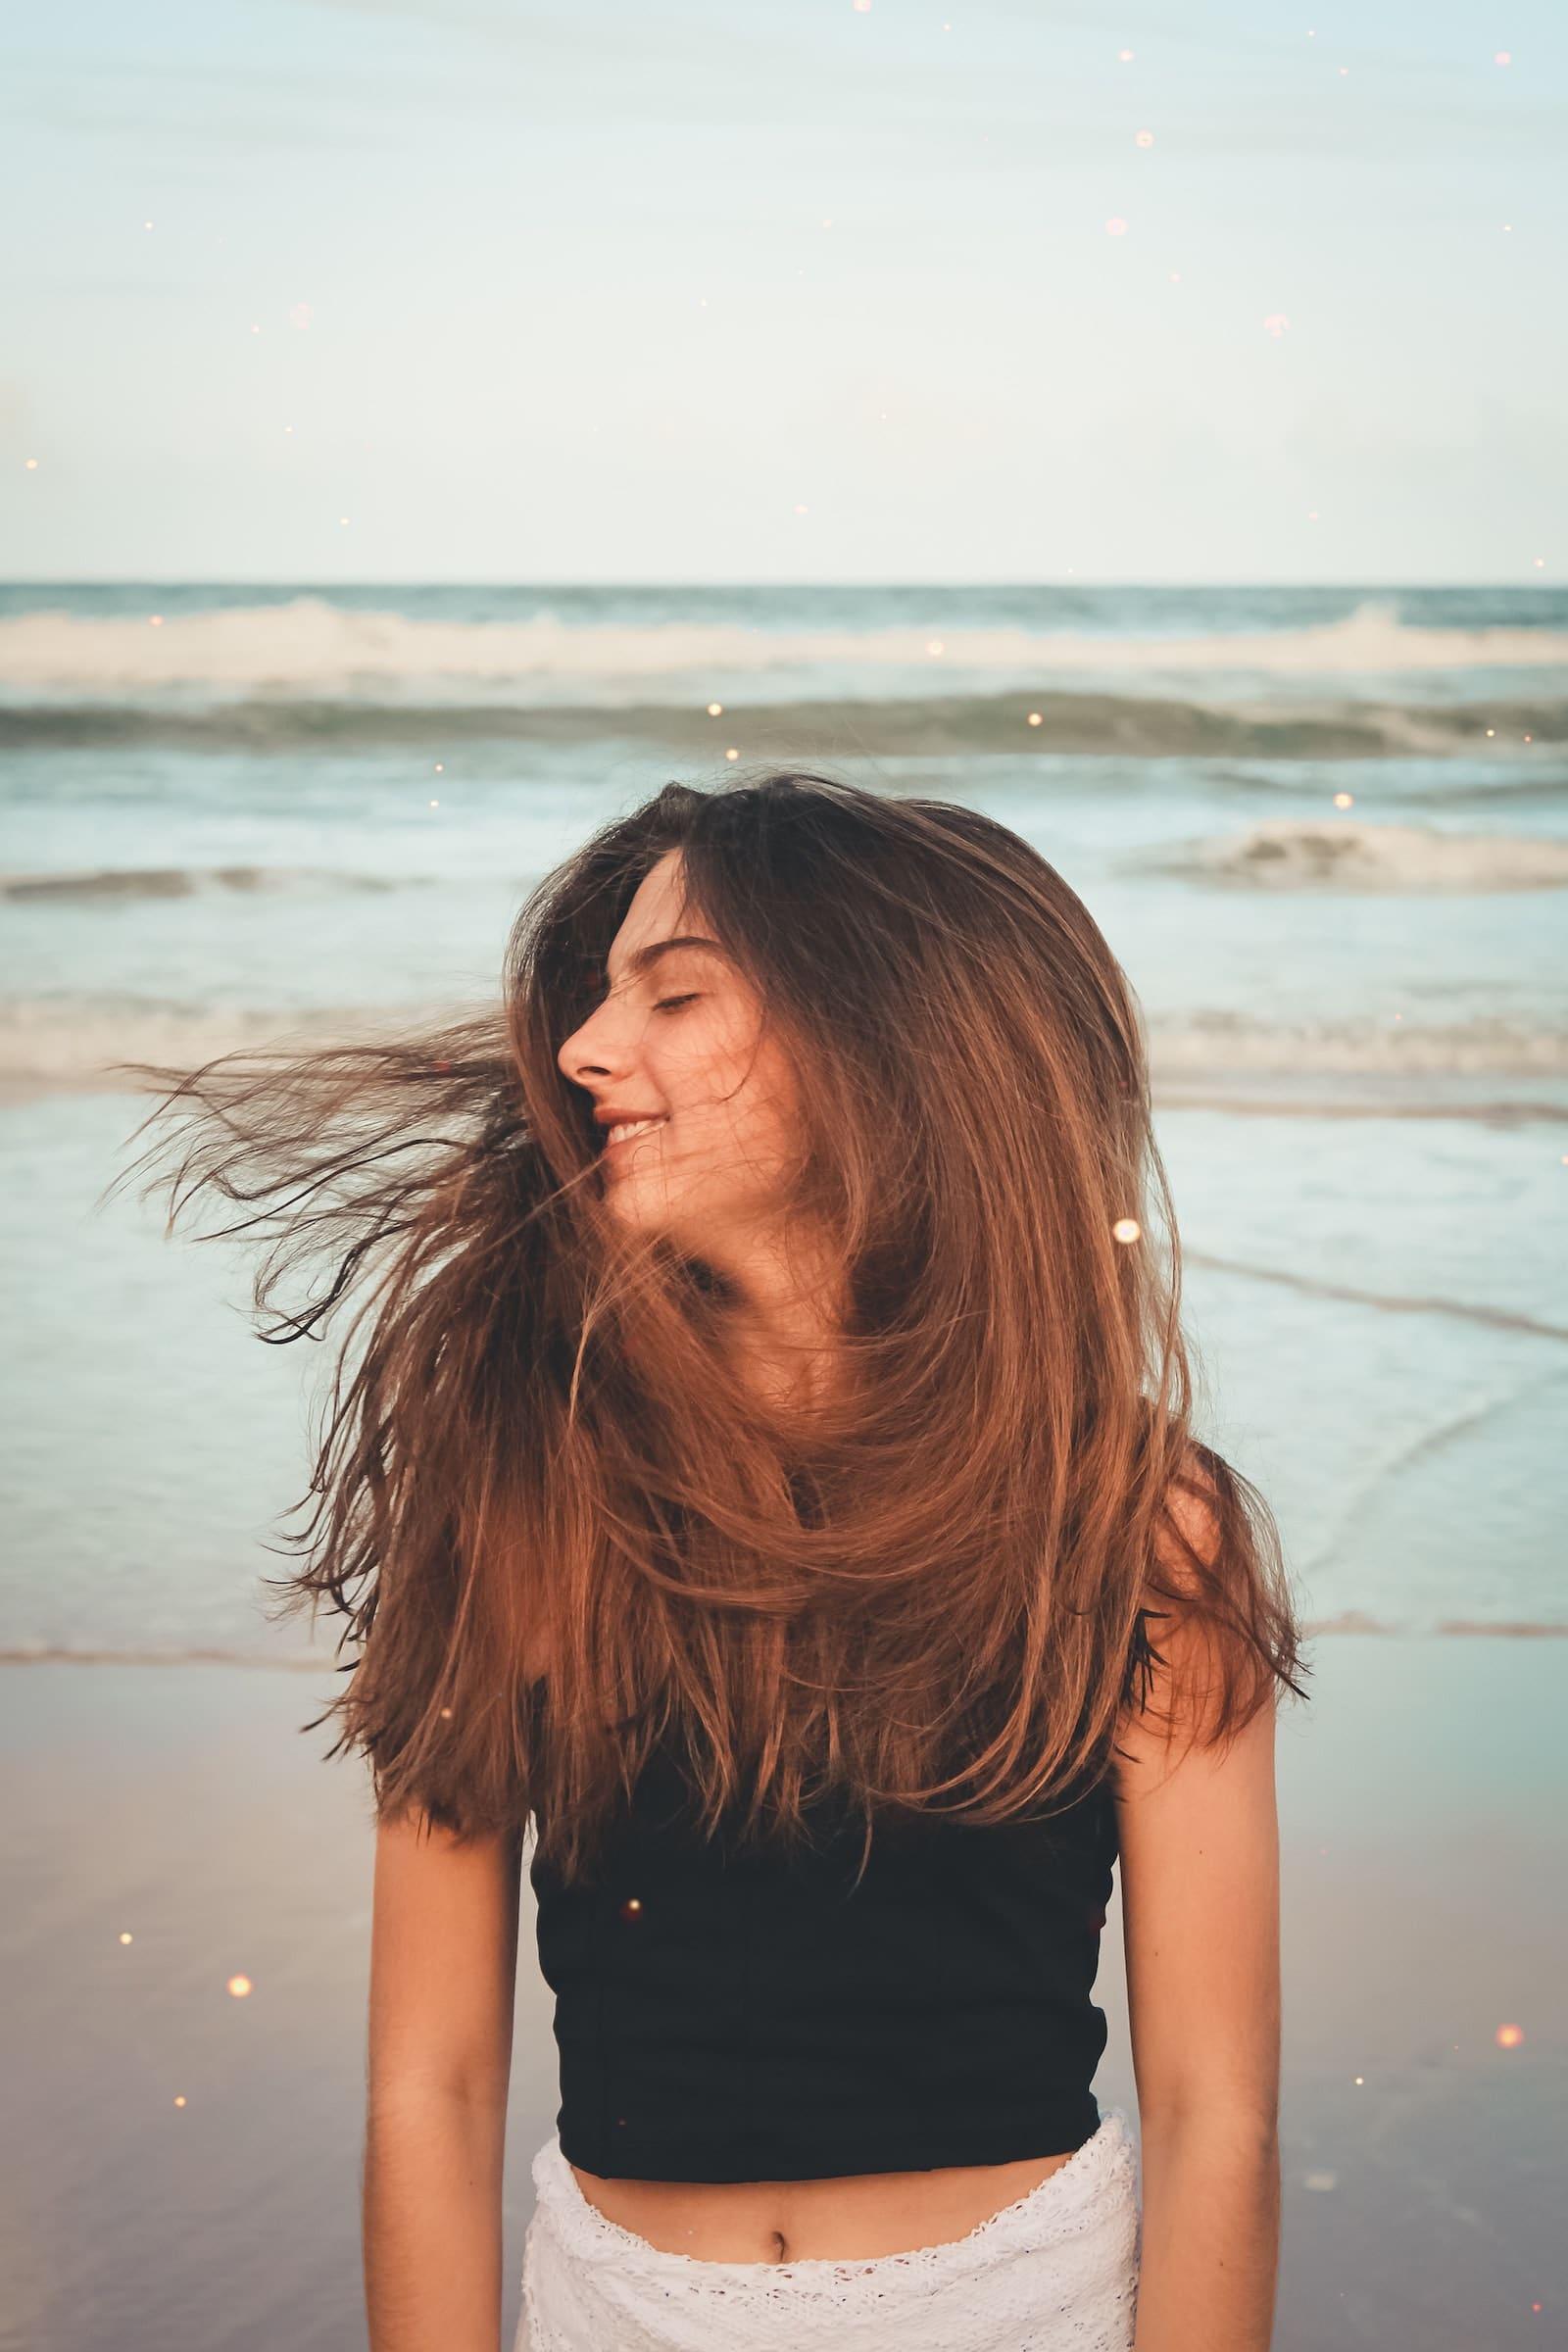 """MERMAID+ME ERFAHRUNGEN CLEAR CITRUS VEGANE #HAARMASKE // #HAARE #HAARPFLEGE #LANGEHAARE #HAARKUREN und #HAARMASKEN von MERMAID + ME Möchtest du lange, glänzende und starke Haare ? Hast du Schuppen und schnell fettende Haare? Fettige Haare vorbeuge und loswerden ? Schuppige Kopfhaut? Ich habe die Wirkung der Haarmasken von Mermaid and Me getestet. Mermaid+Me Erfahrung auf dem Blog. 25% - 45% Rabatt mit dem Gutscheincode """"CATHI25"""" auf den gesamten Shop von Mermaid + Me, alle #Masken. (Werbung)"""